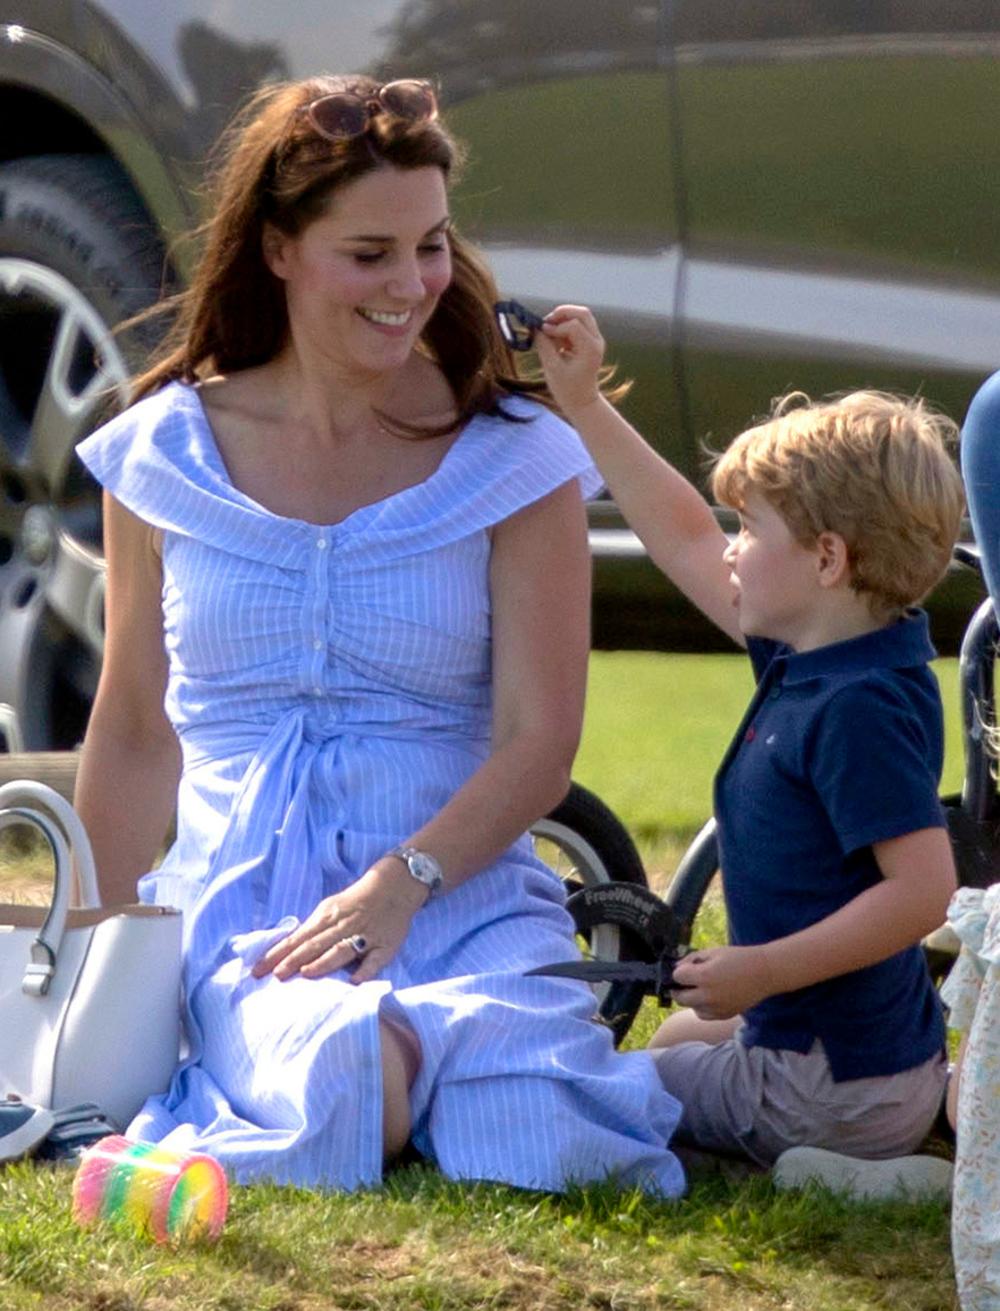 Η Κέιτ Μίντλετον αποκάλυψε πως ο αγαπημένος παίκτης τένις του πρίγκιπα Τζορτζ είναι ο Ρότζερ Φέντερερ, με τον οποίο μάλιστα έχουν παίξει μαζί